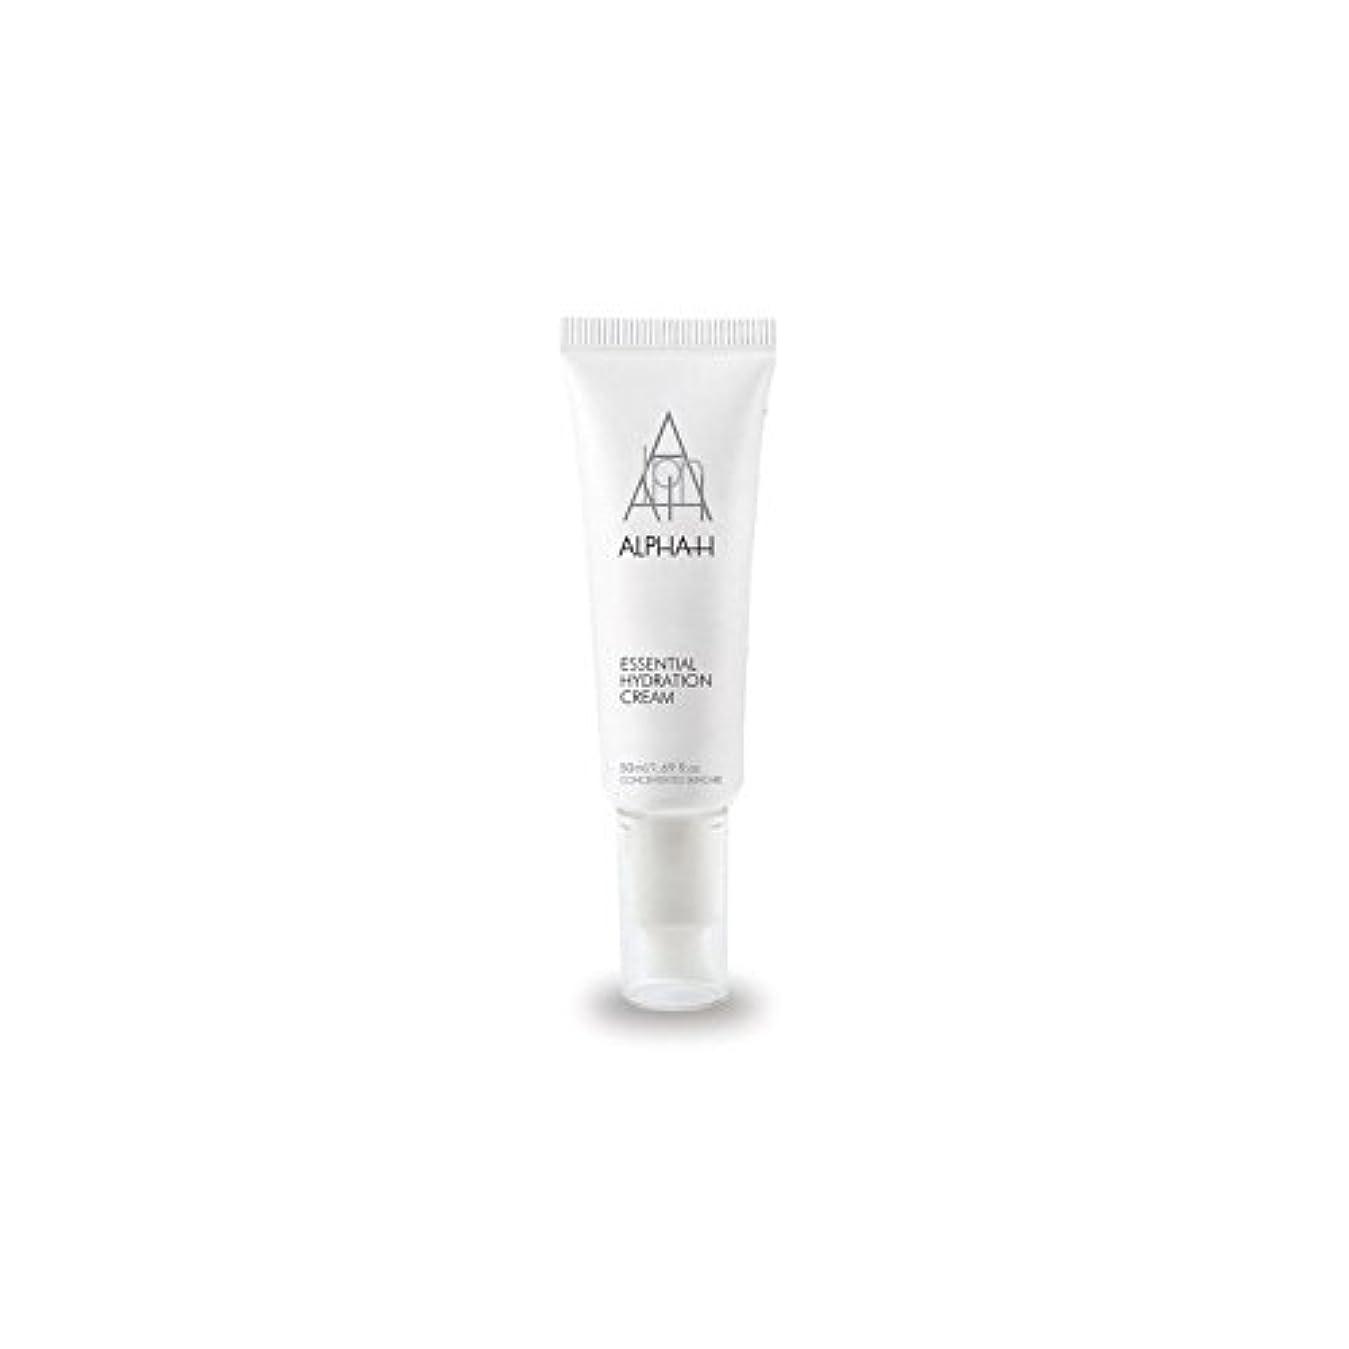 マークダウンアボート穴アルファ必須水和クリーム(50)中 x2 - Alpha-H Essential Hydration Cream (50ml) (Pack of 2) [並行輸入品]